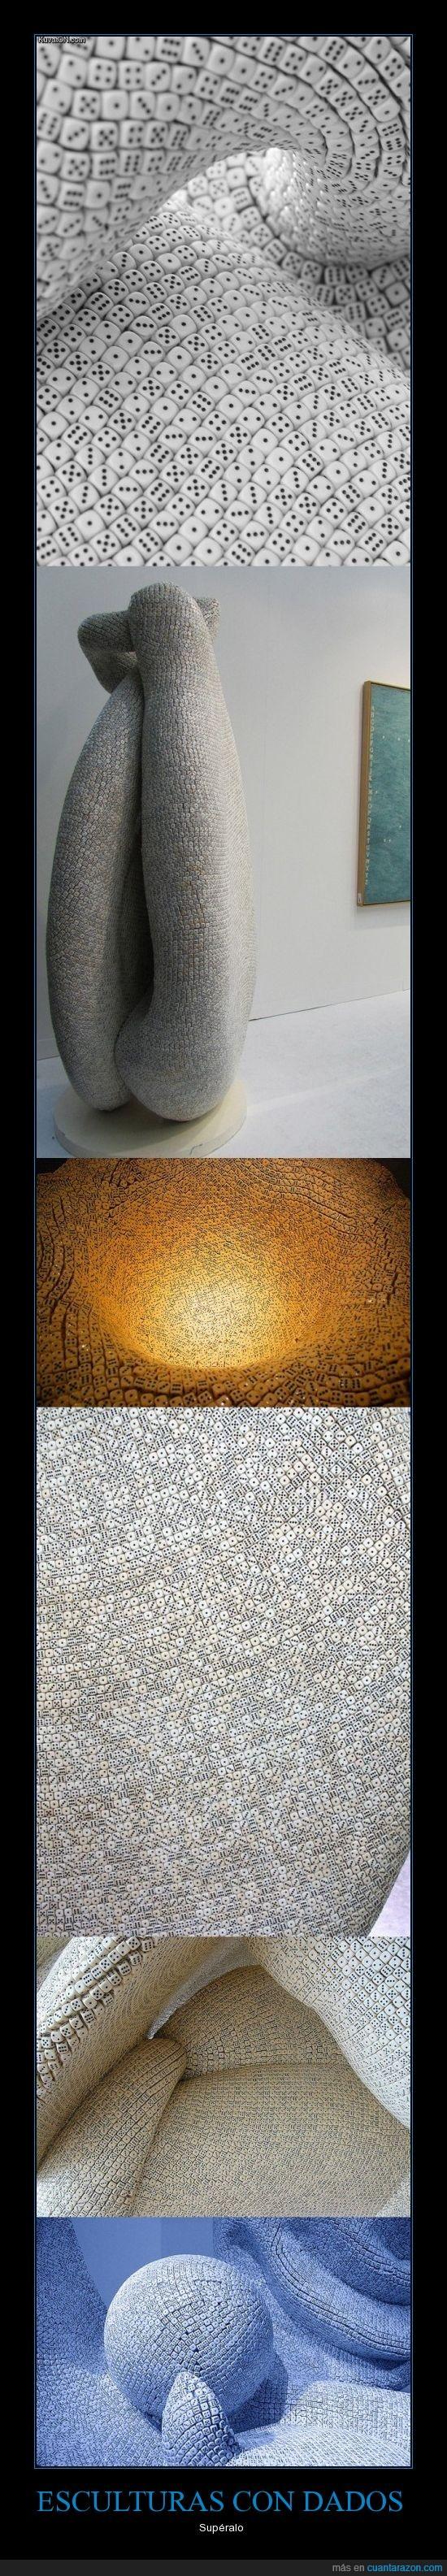 dado,escultura,figuras,formas